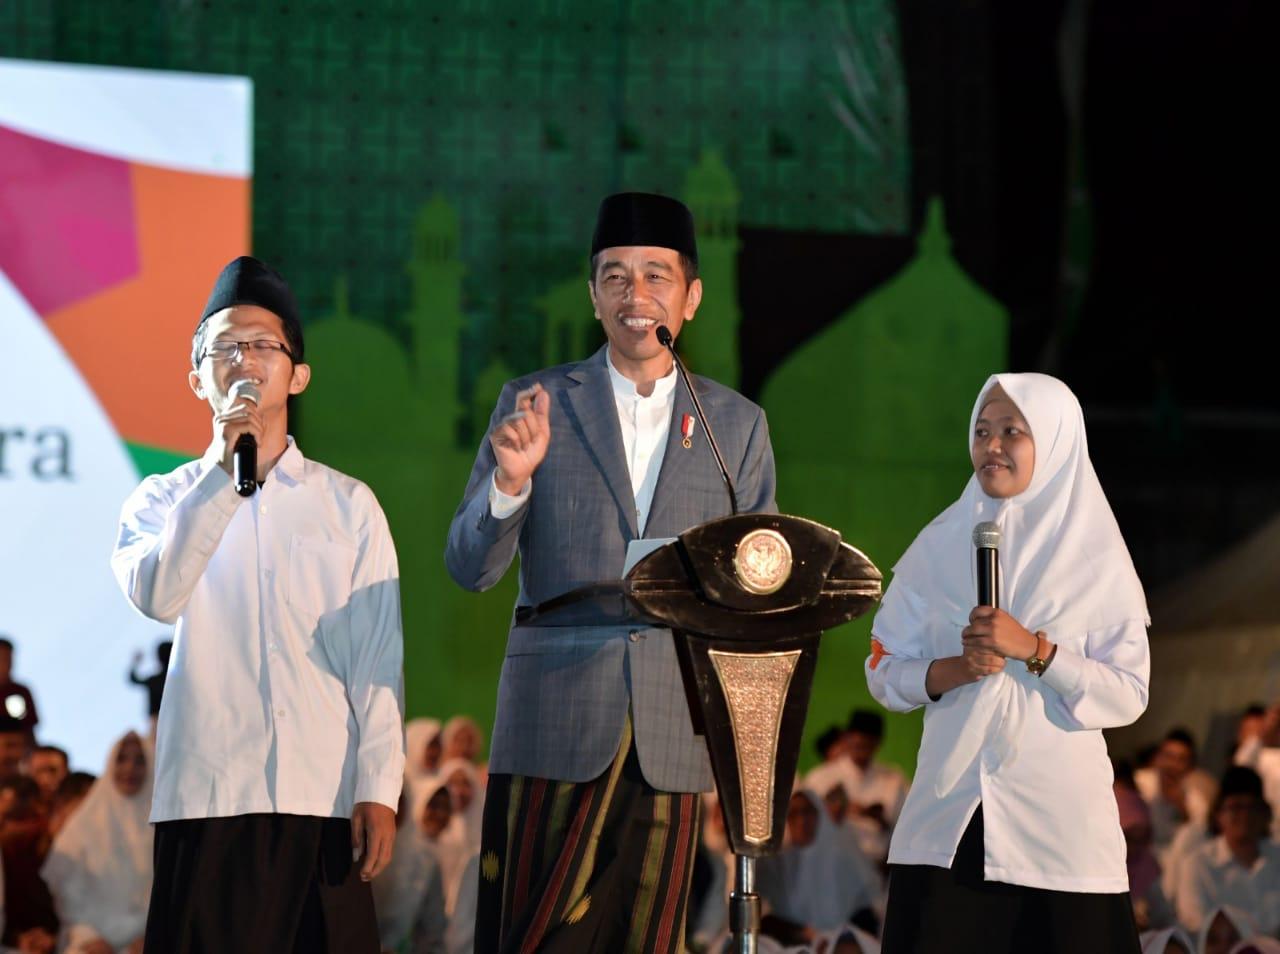 Presiden Jokowi Ingin Hadirkan BLK di Pesantren untuk Berdayakan Para Santri